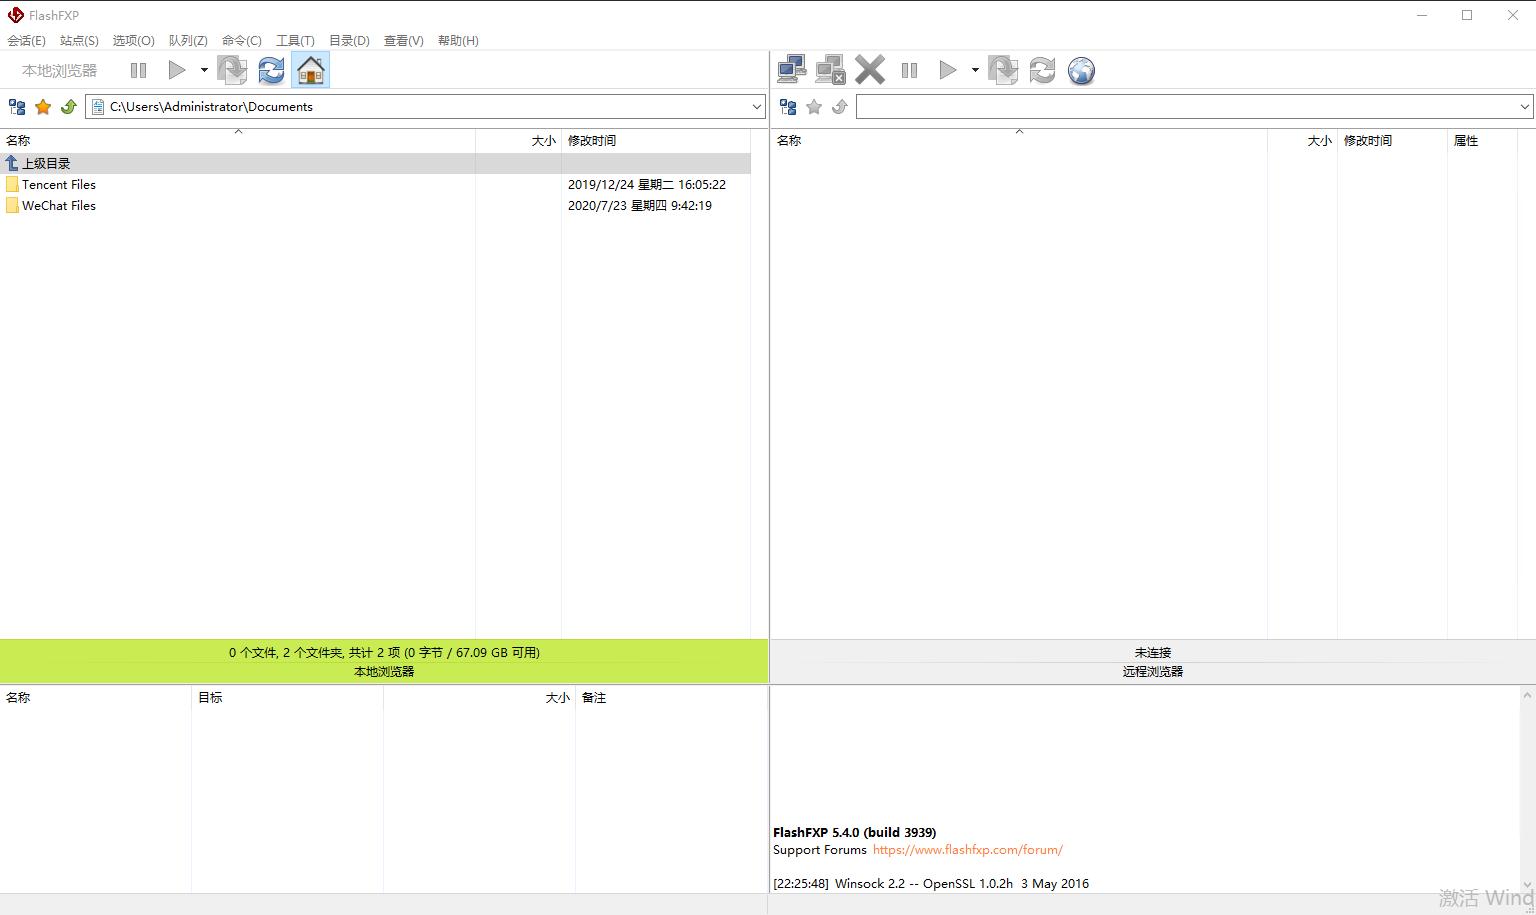 FlashFXP 5.4.0.3939